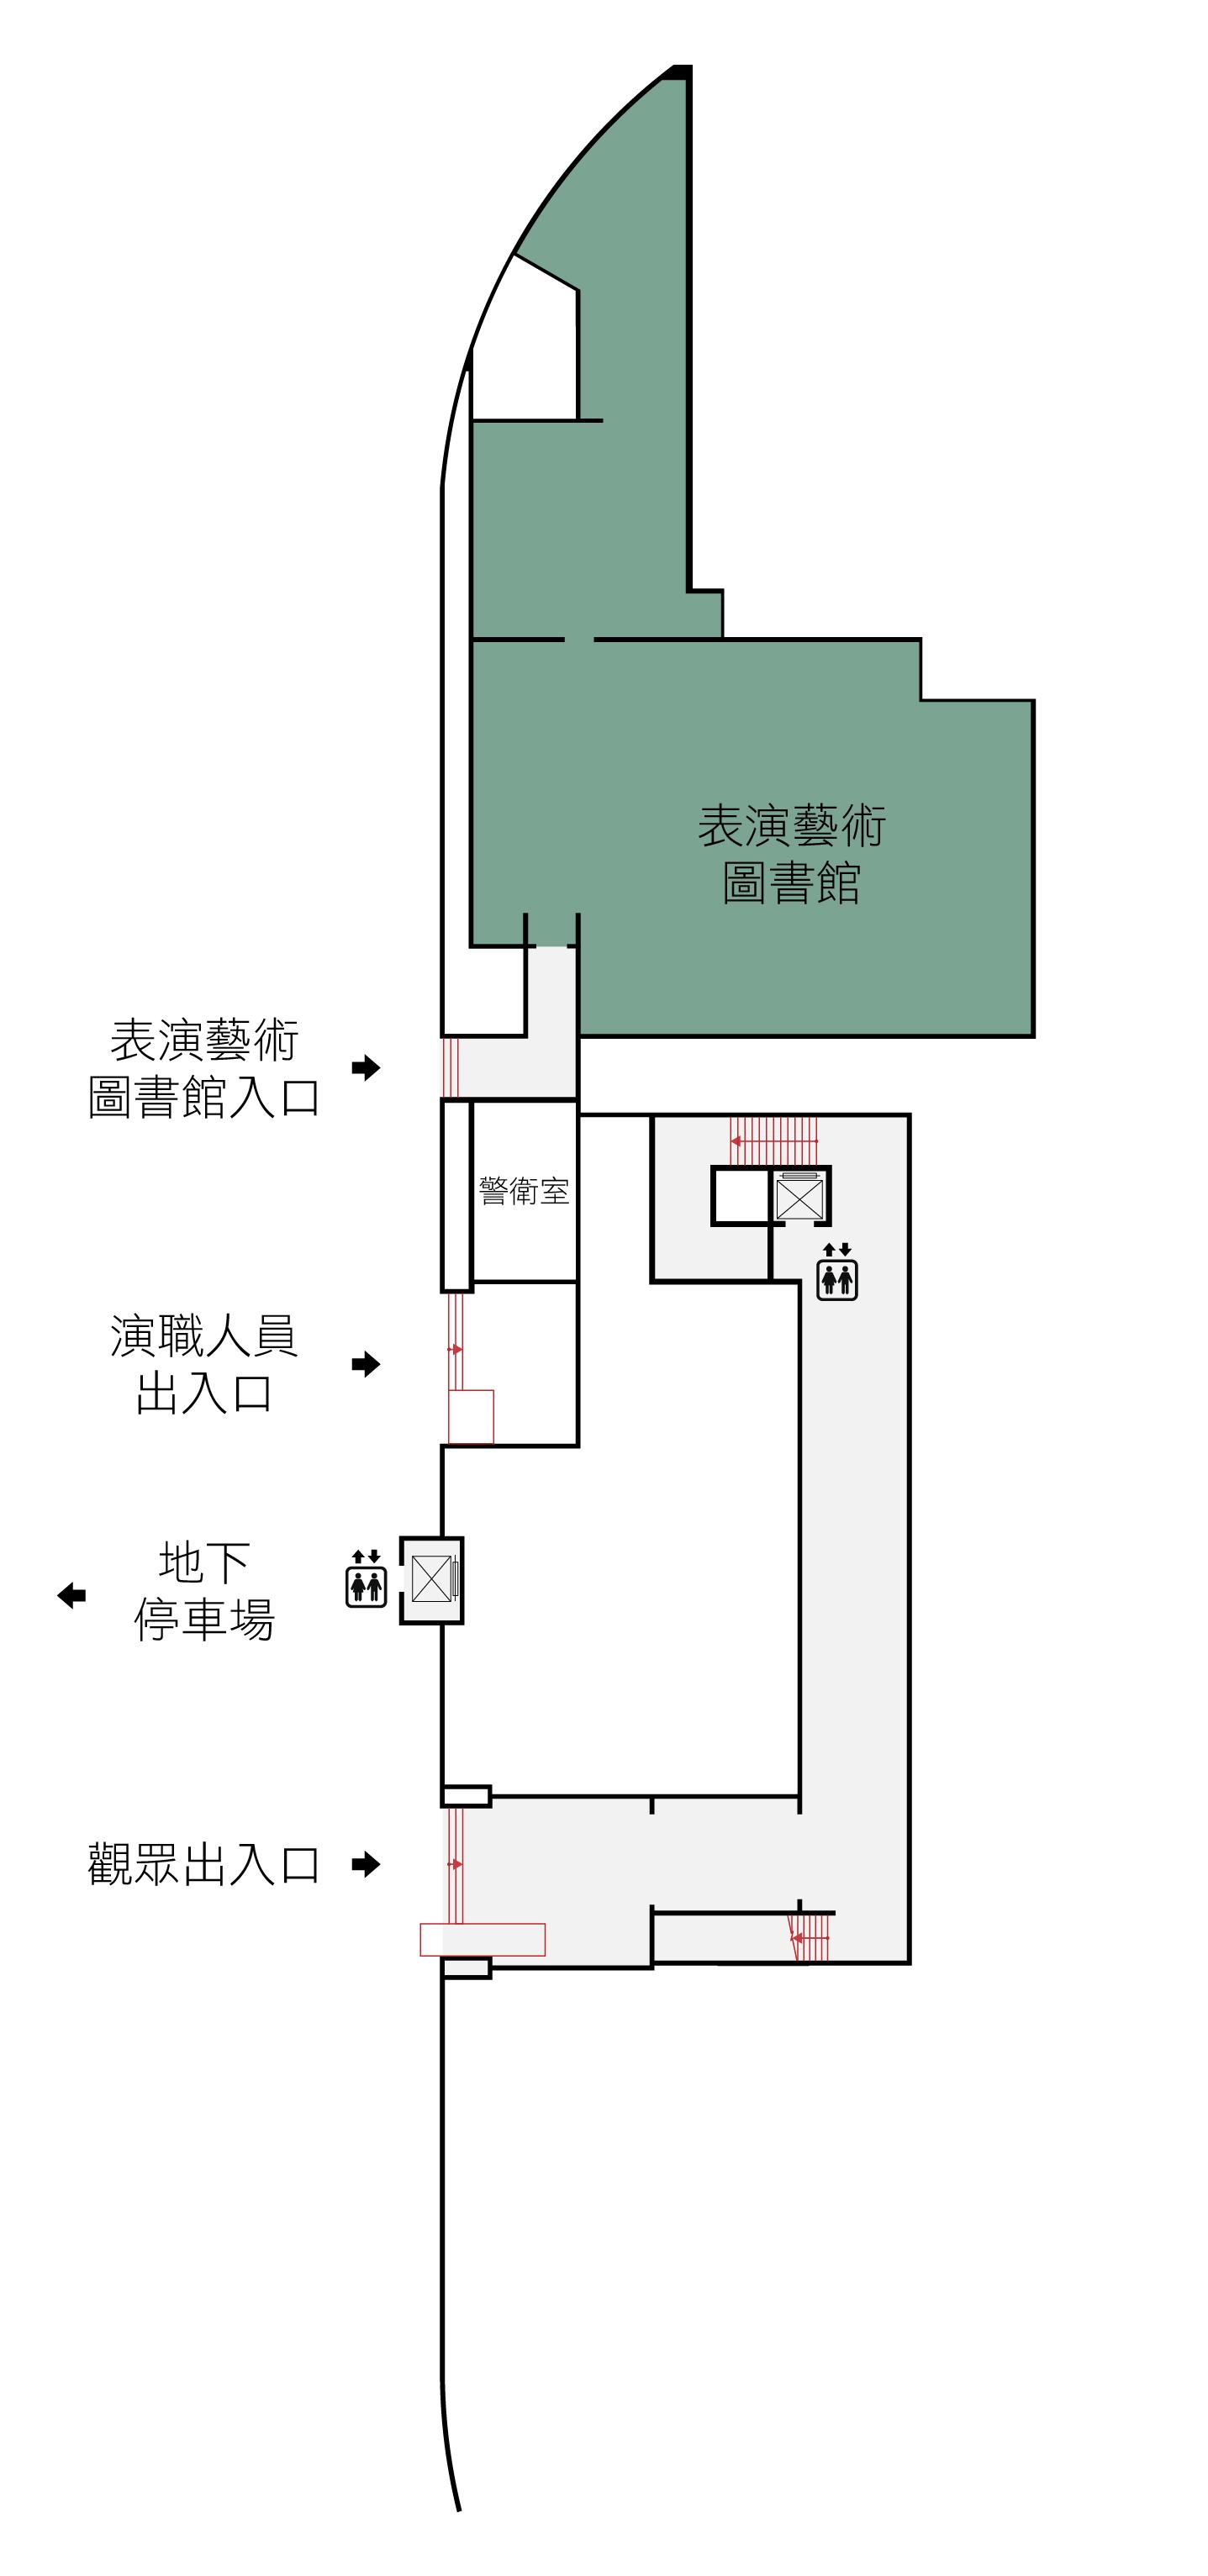 歡迎您來到國家戲劇院B樓,進入觀眾入口後,背對入口,右側即為通往G樓之樓梯,往左方直走約20公尺,可以搭乘電梯往G樓。電梯於節目演出時間,開放置各樓層,平日僅開放B樓、G樓。